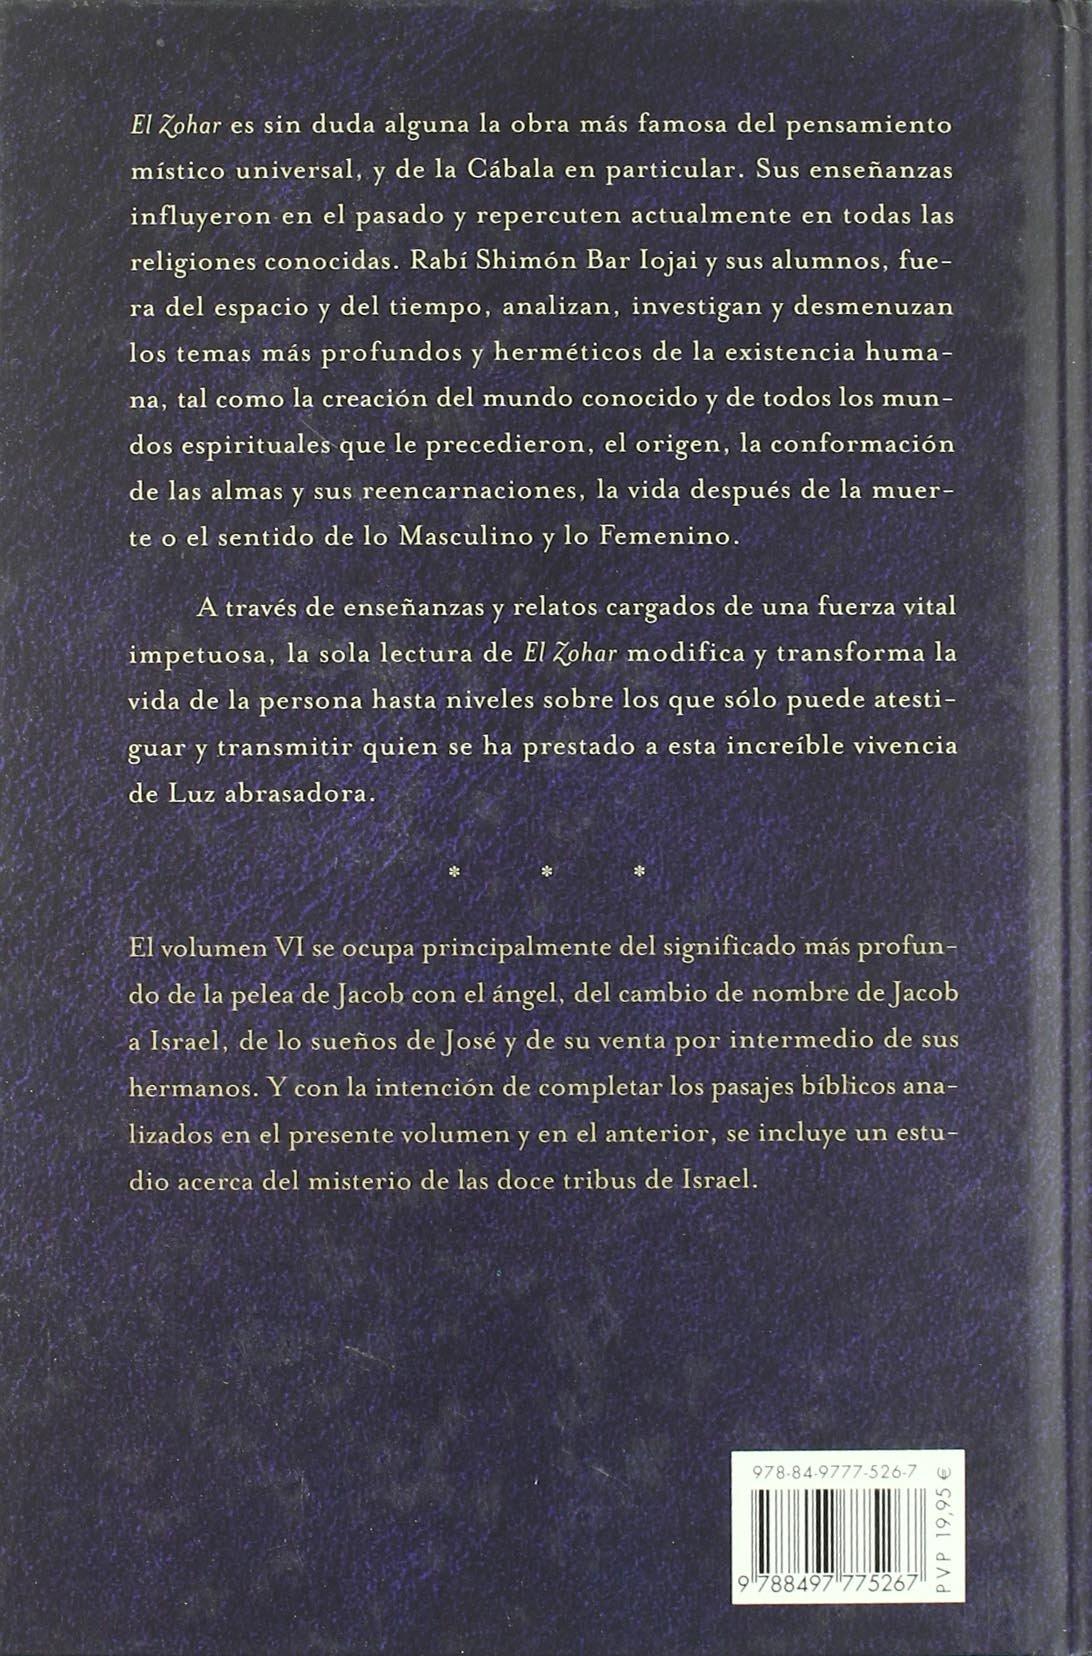 El Zohar, Vol. 6 (Spanish Edition): Bar Iojar, Rabi Shimon: 9788497775267: Amazon.com: Books